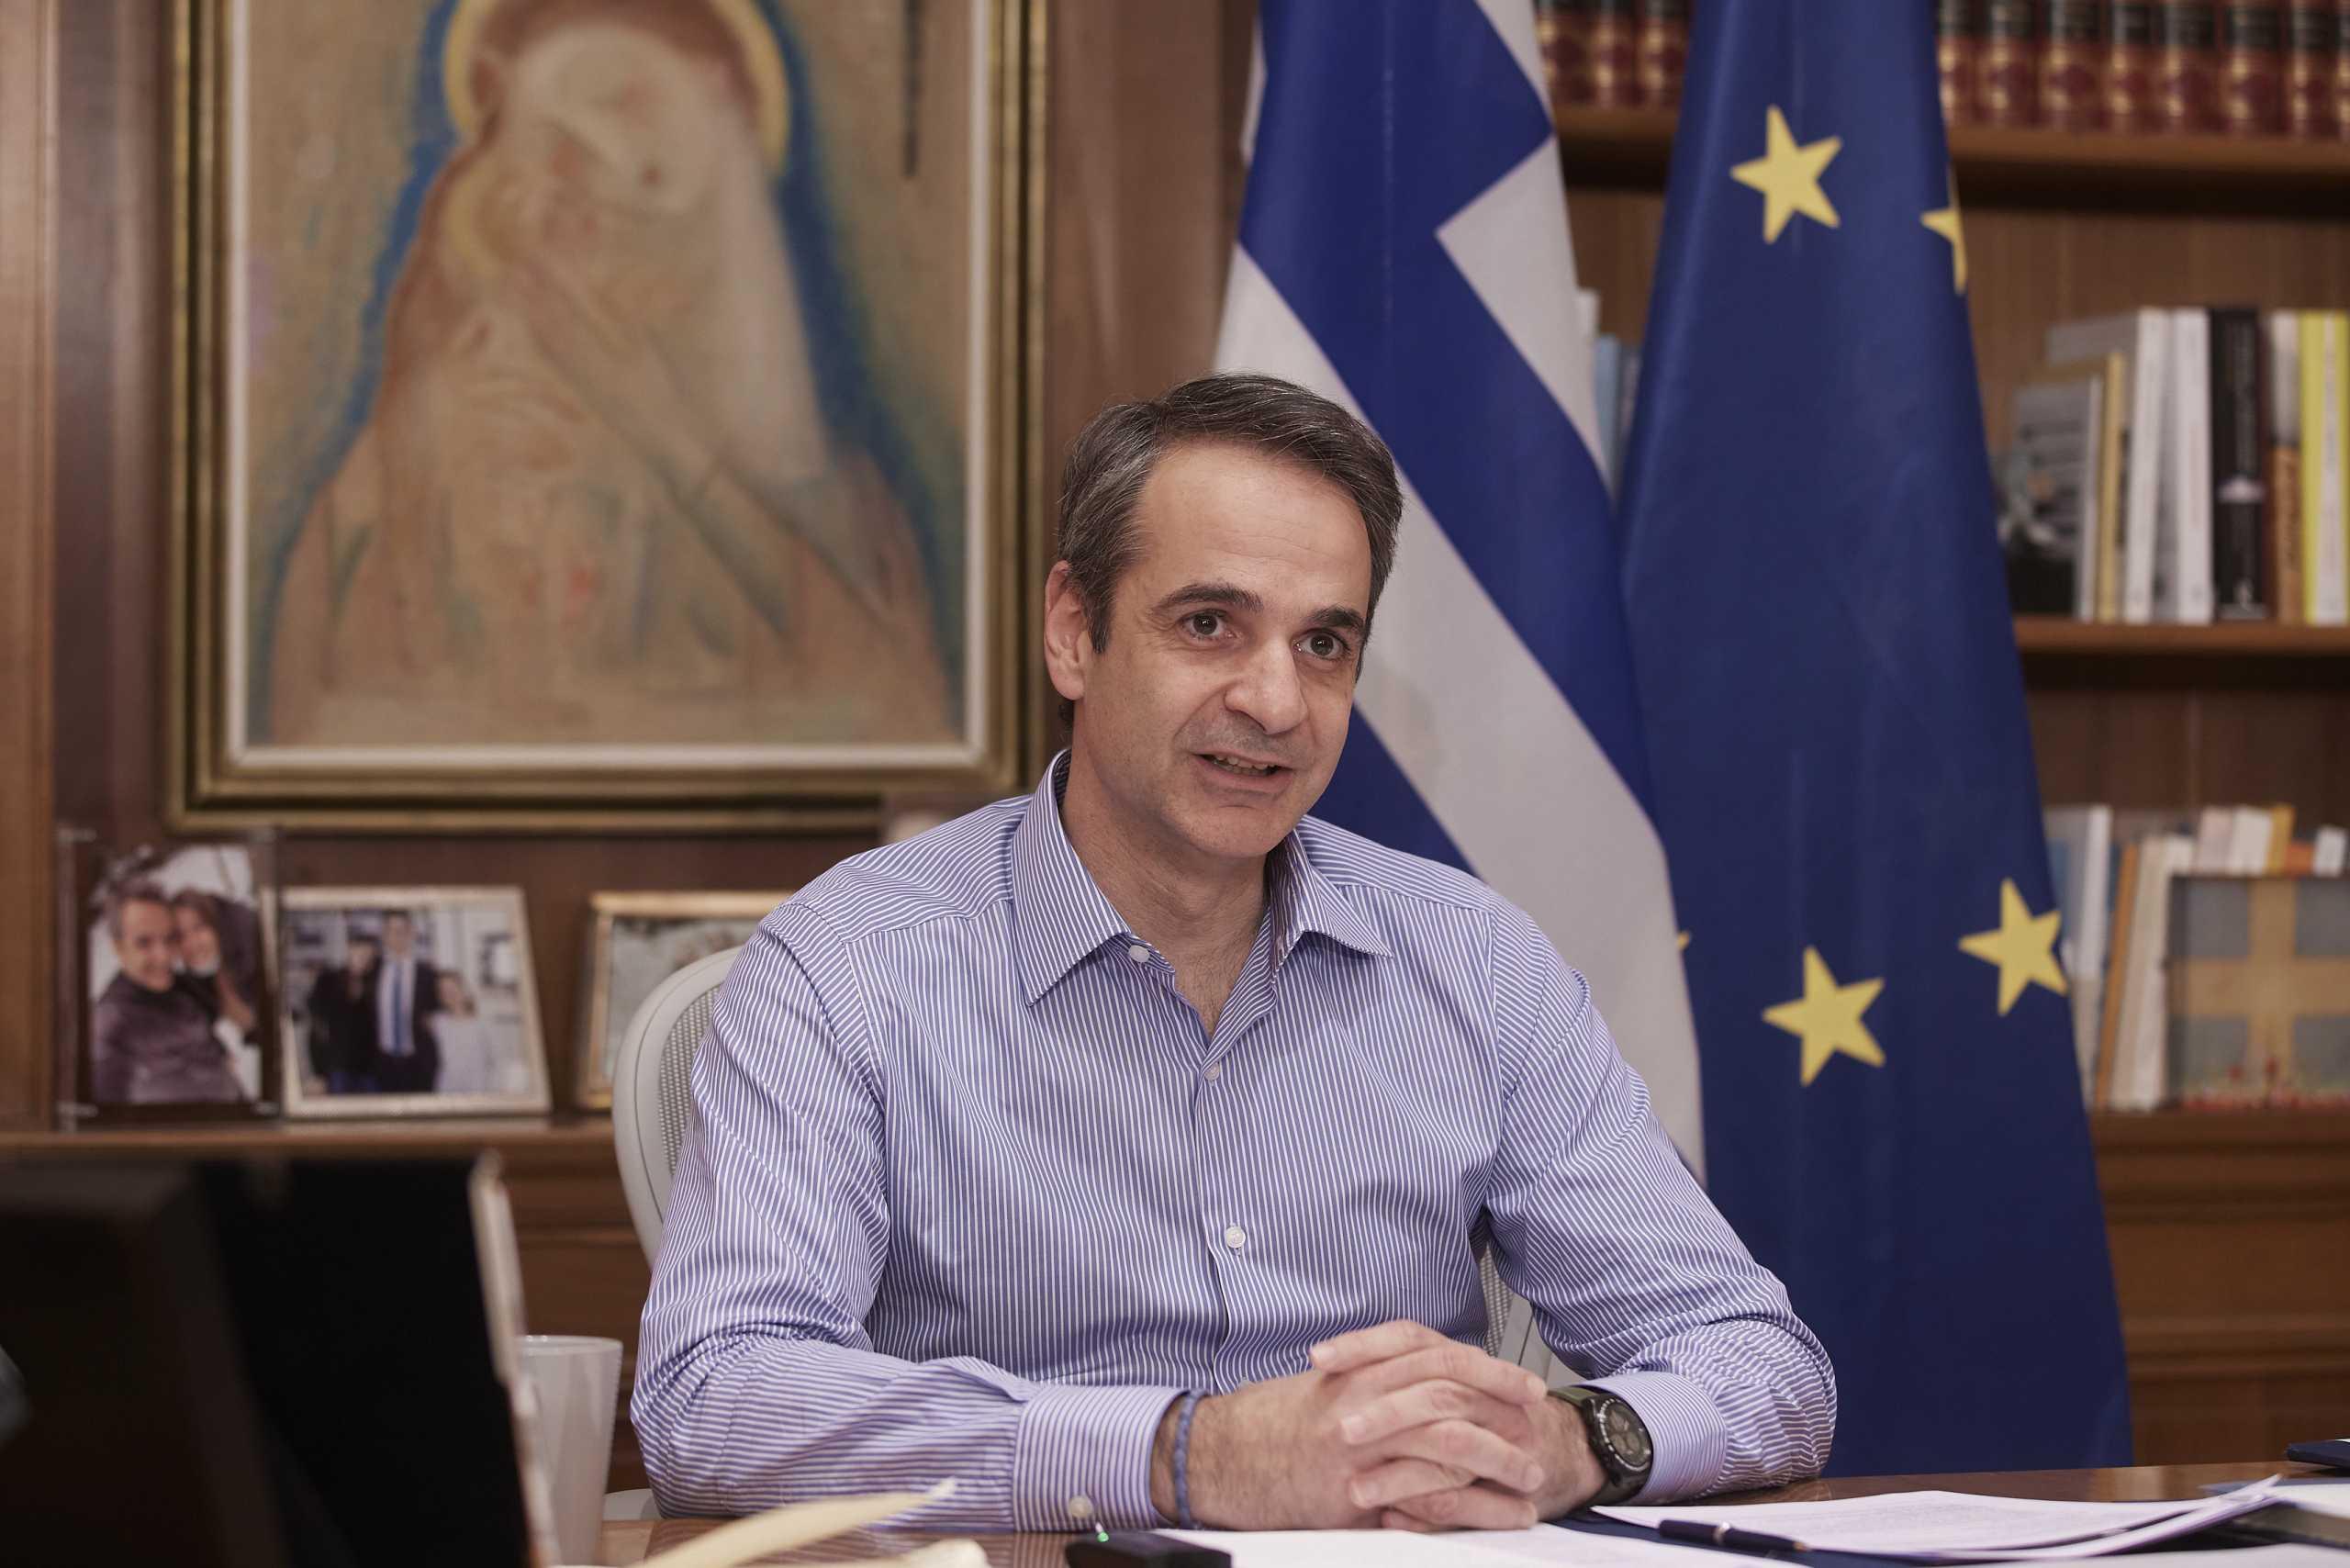 Μητσοτάκης στο συνέδριο «Innovative Greeks»: Φορολογικά κίνητρα για να επιστρέψουν οι επιστήμονες